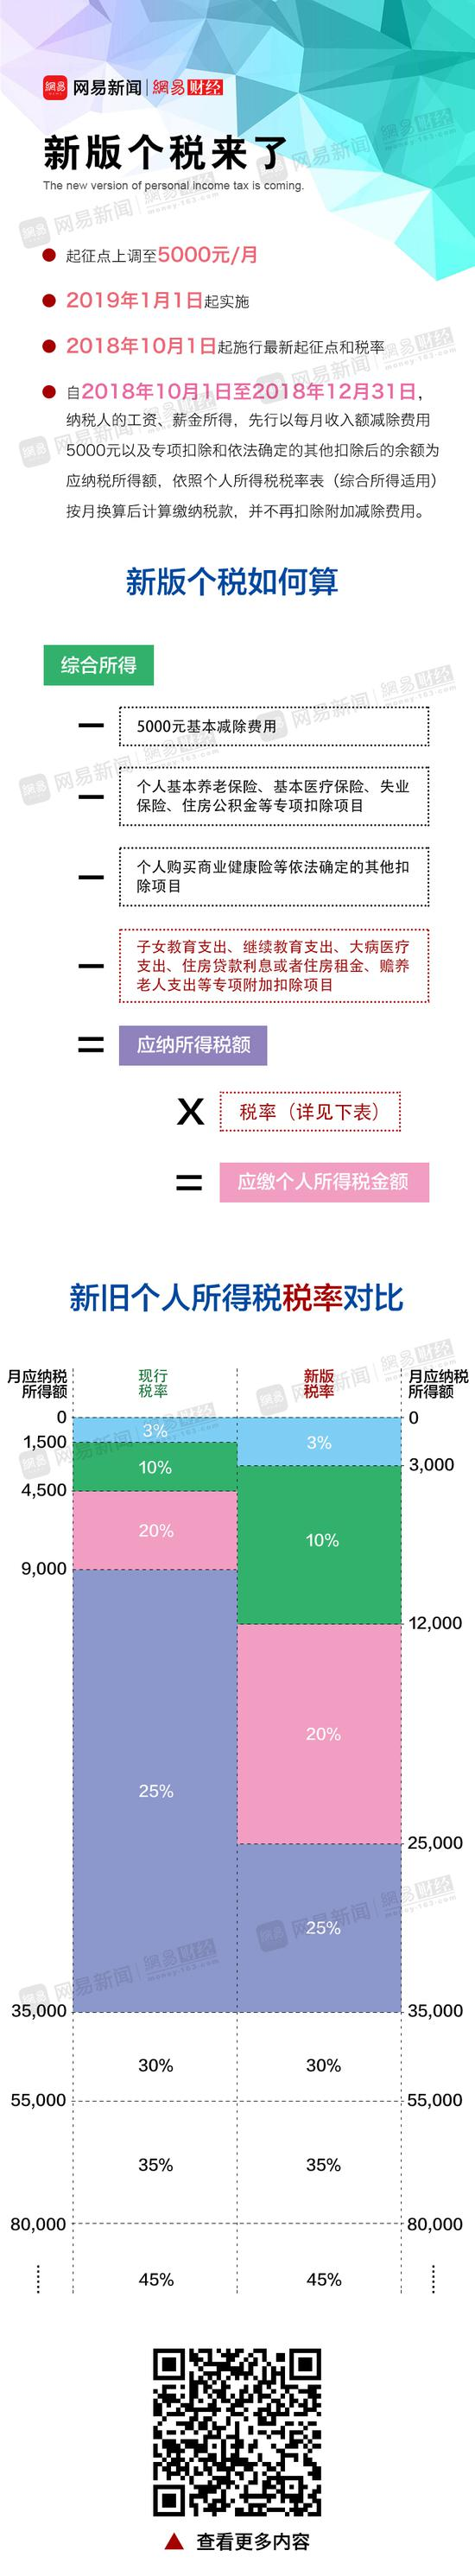 新版个税来了 减税向中低收入倾斜